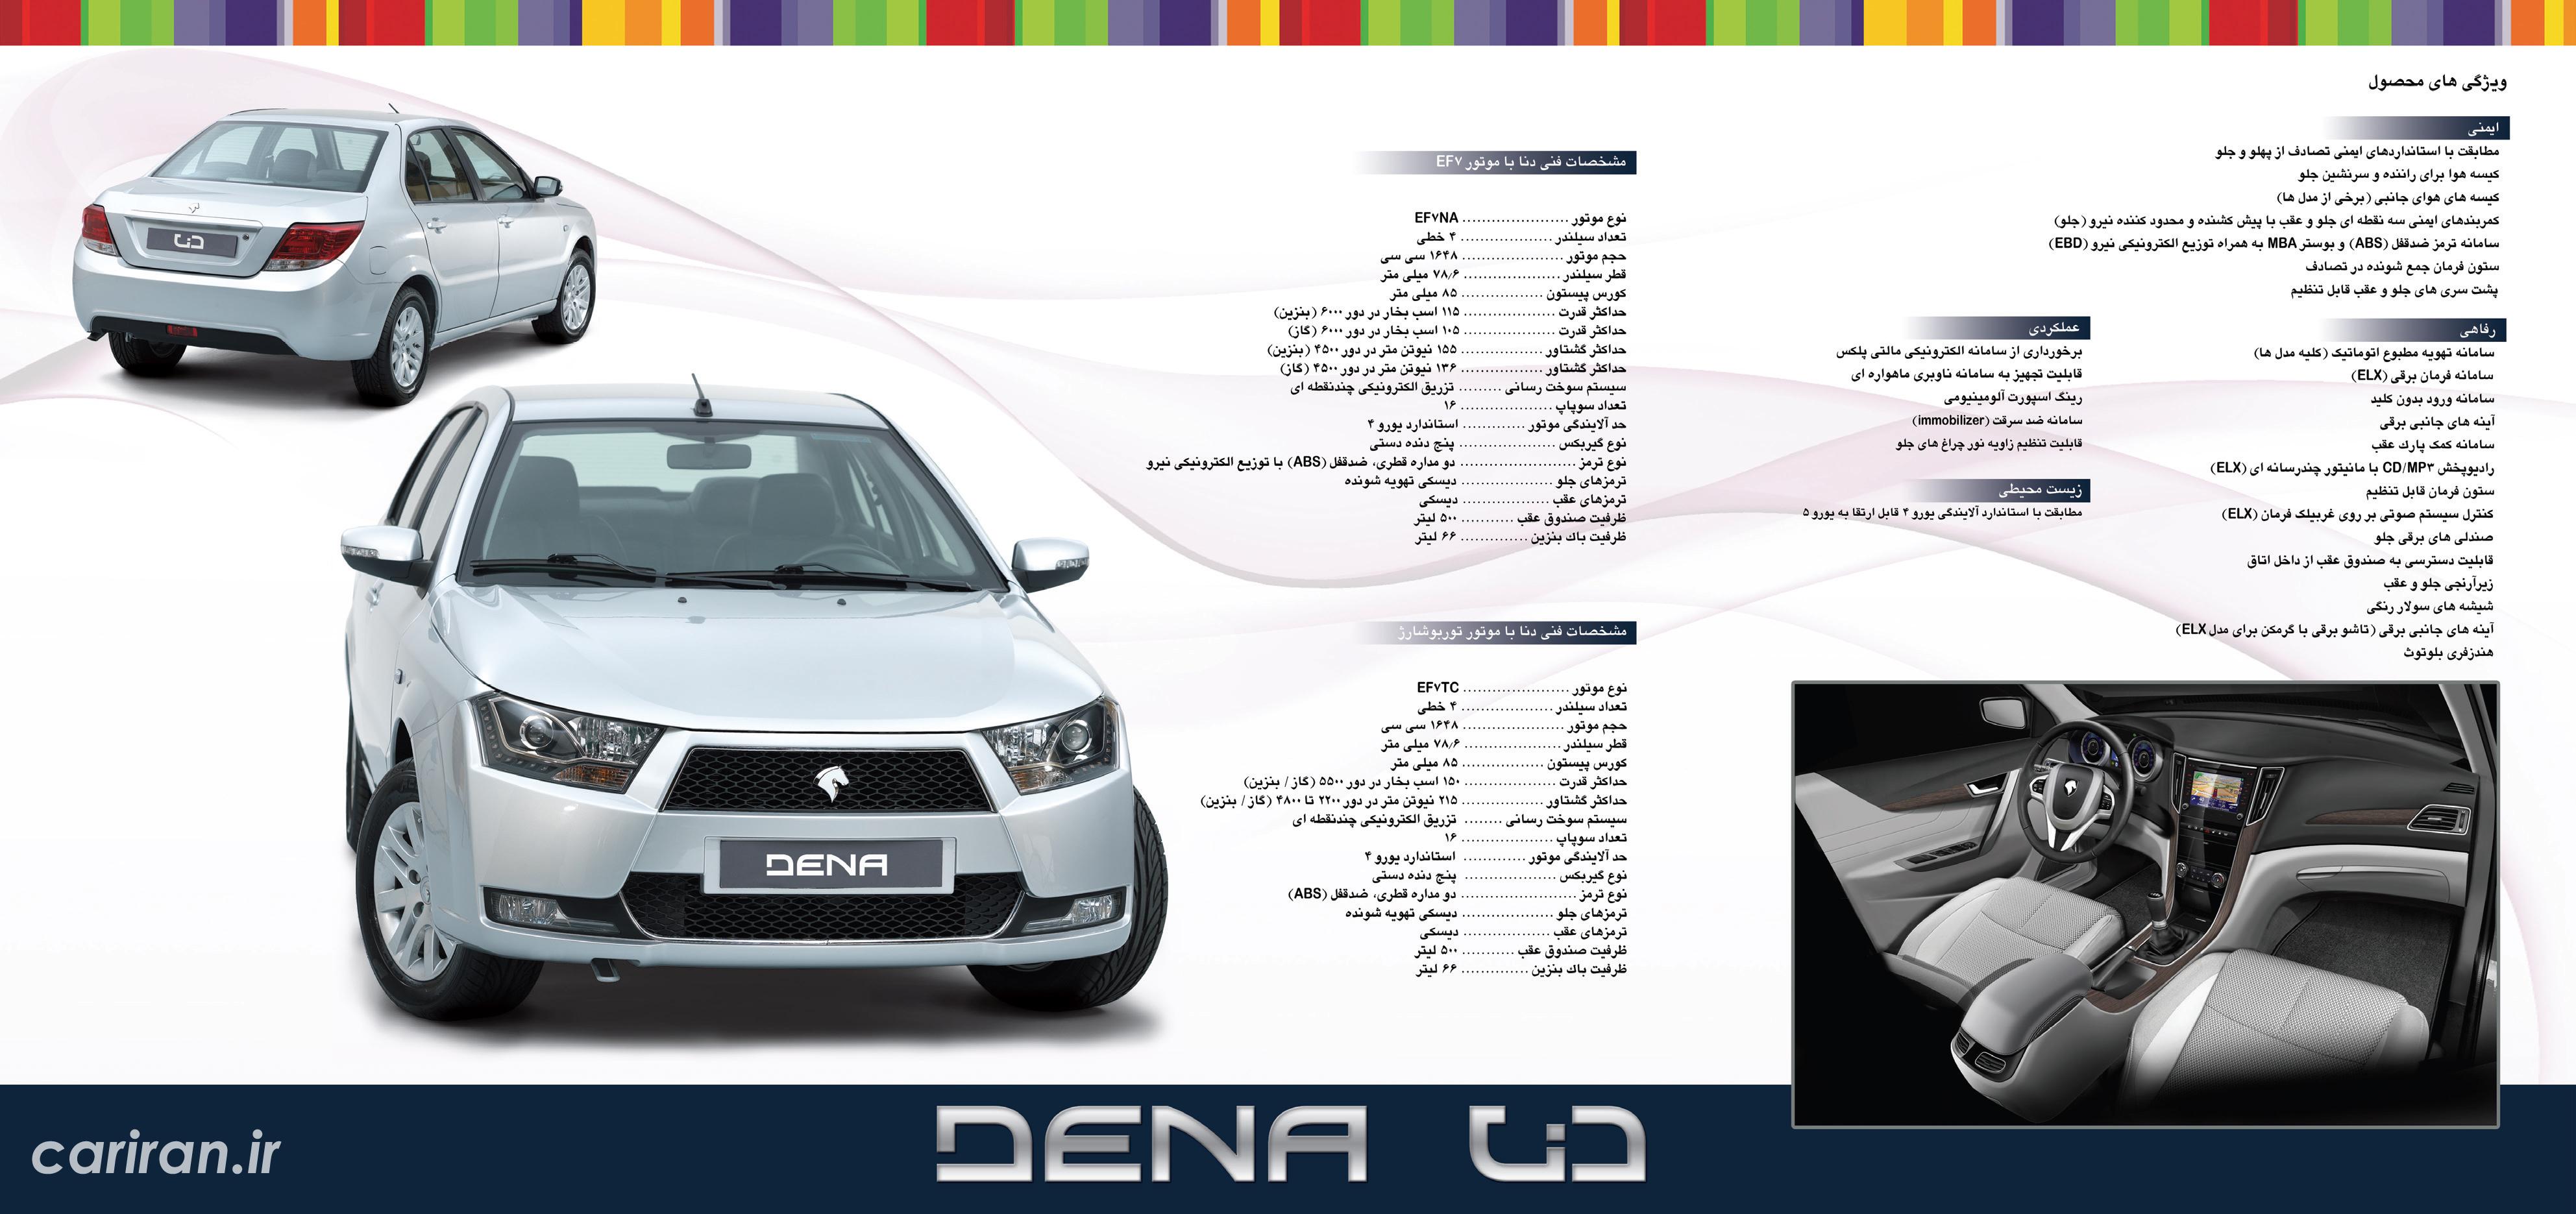 خودرو امروز پوستر جدید دنا ایرانخودرو